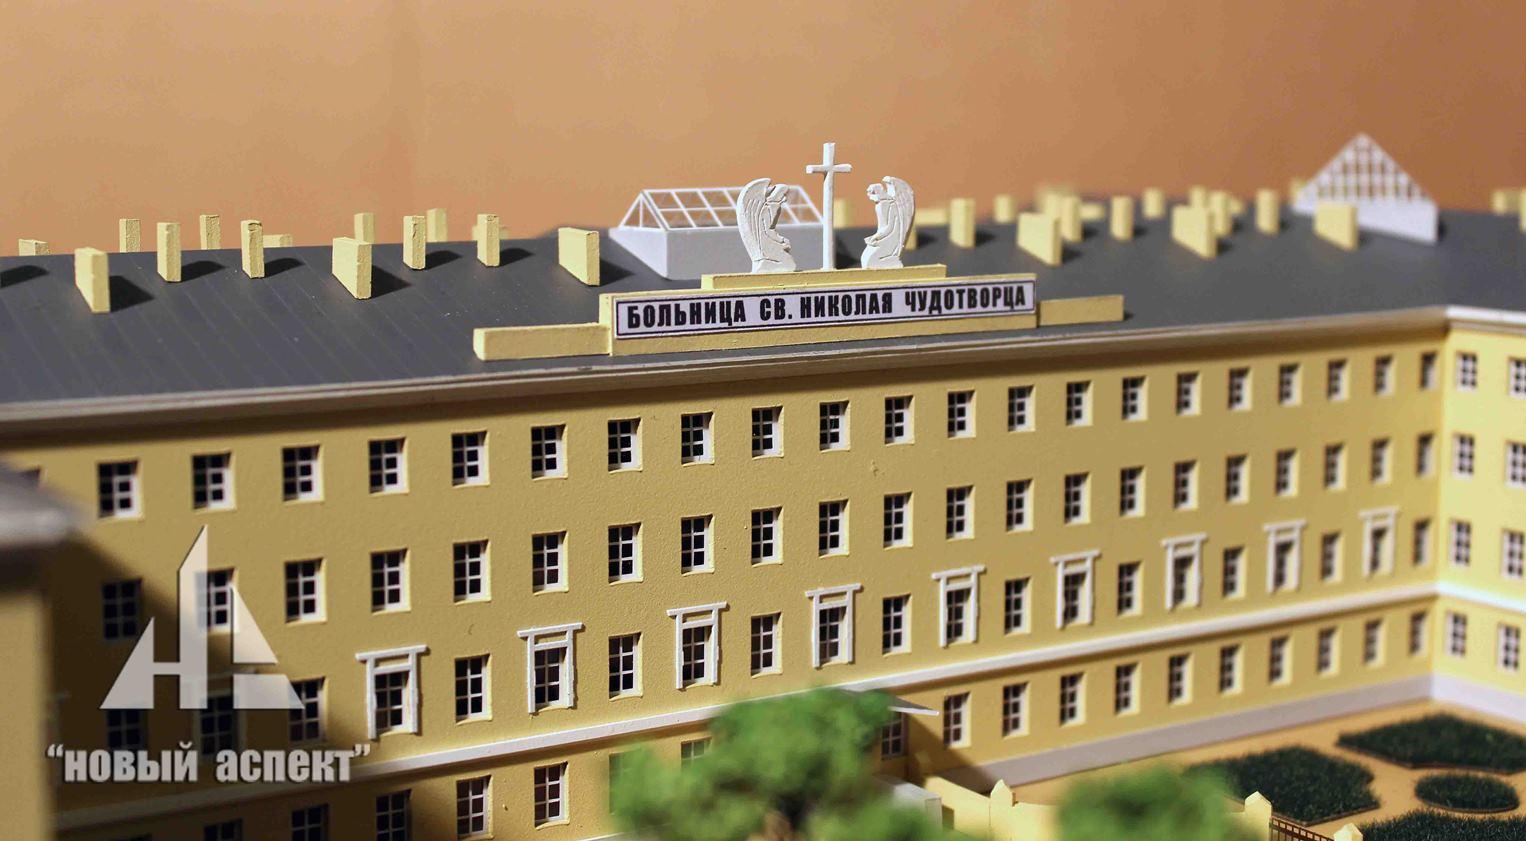 Макеты общественных зданий, Больница Пряжка (6)